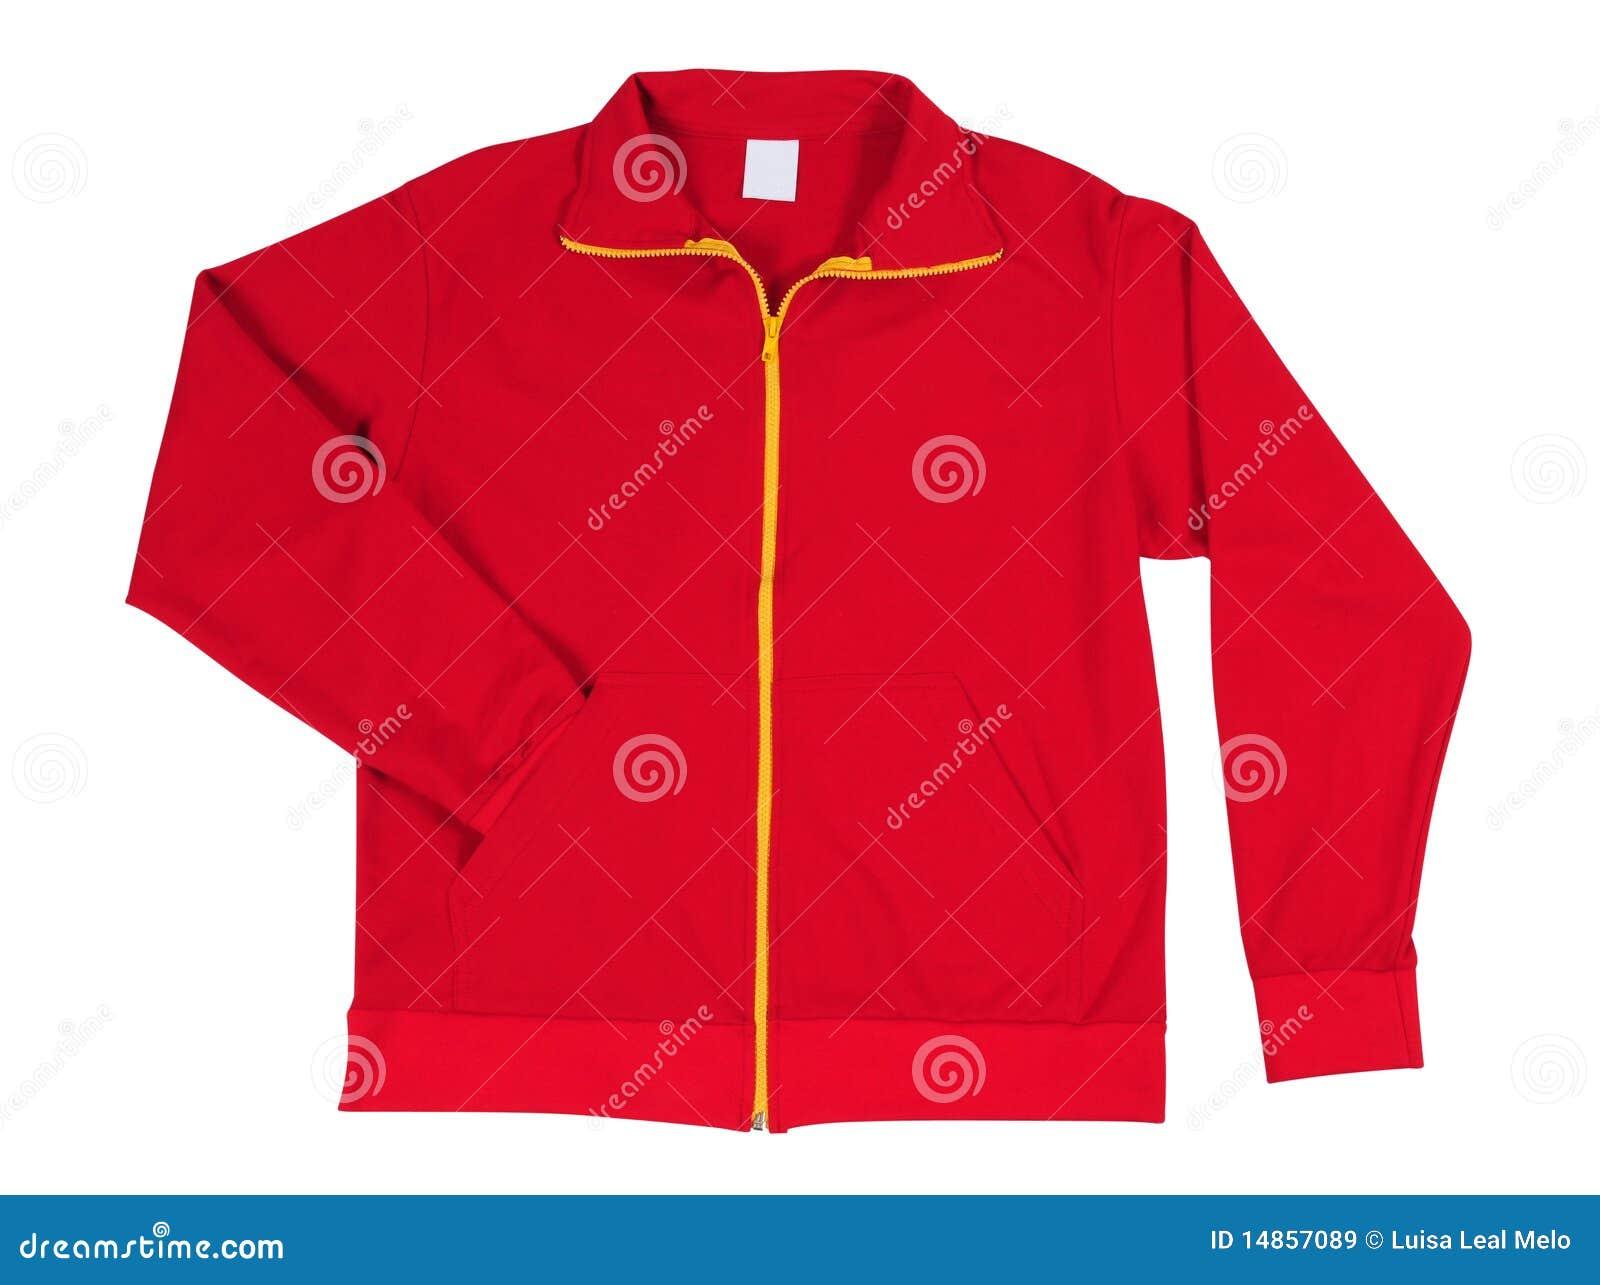 Sport jacket. Isolated